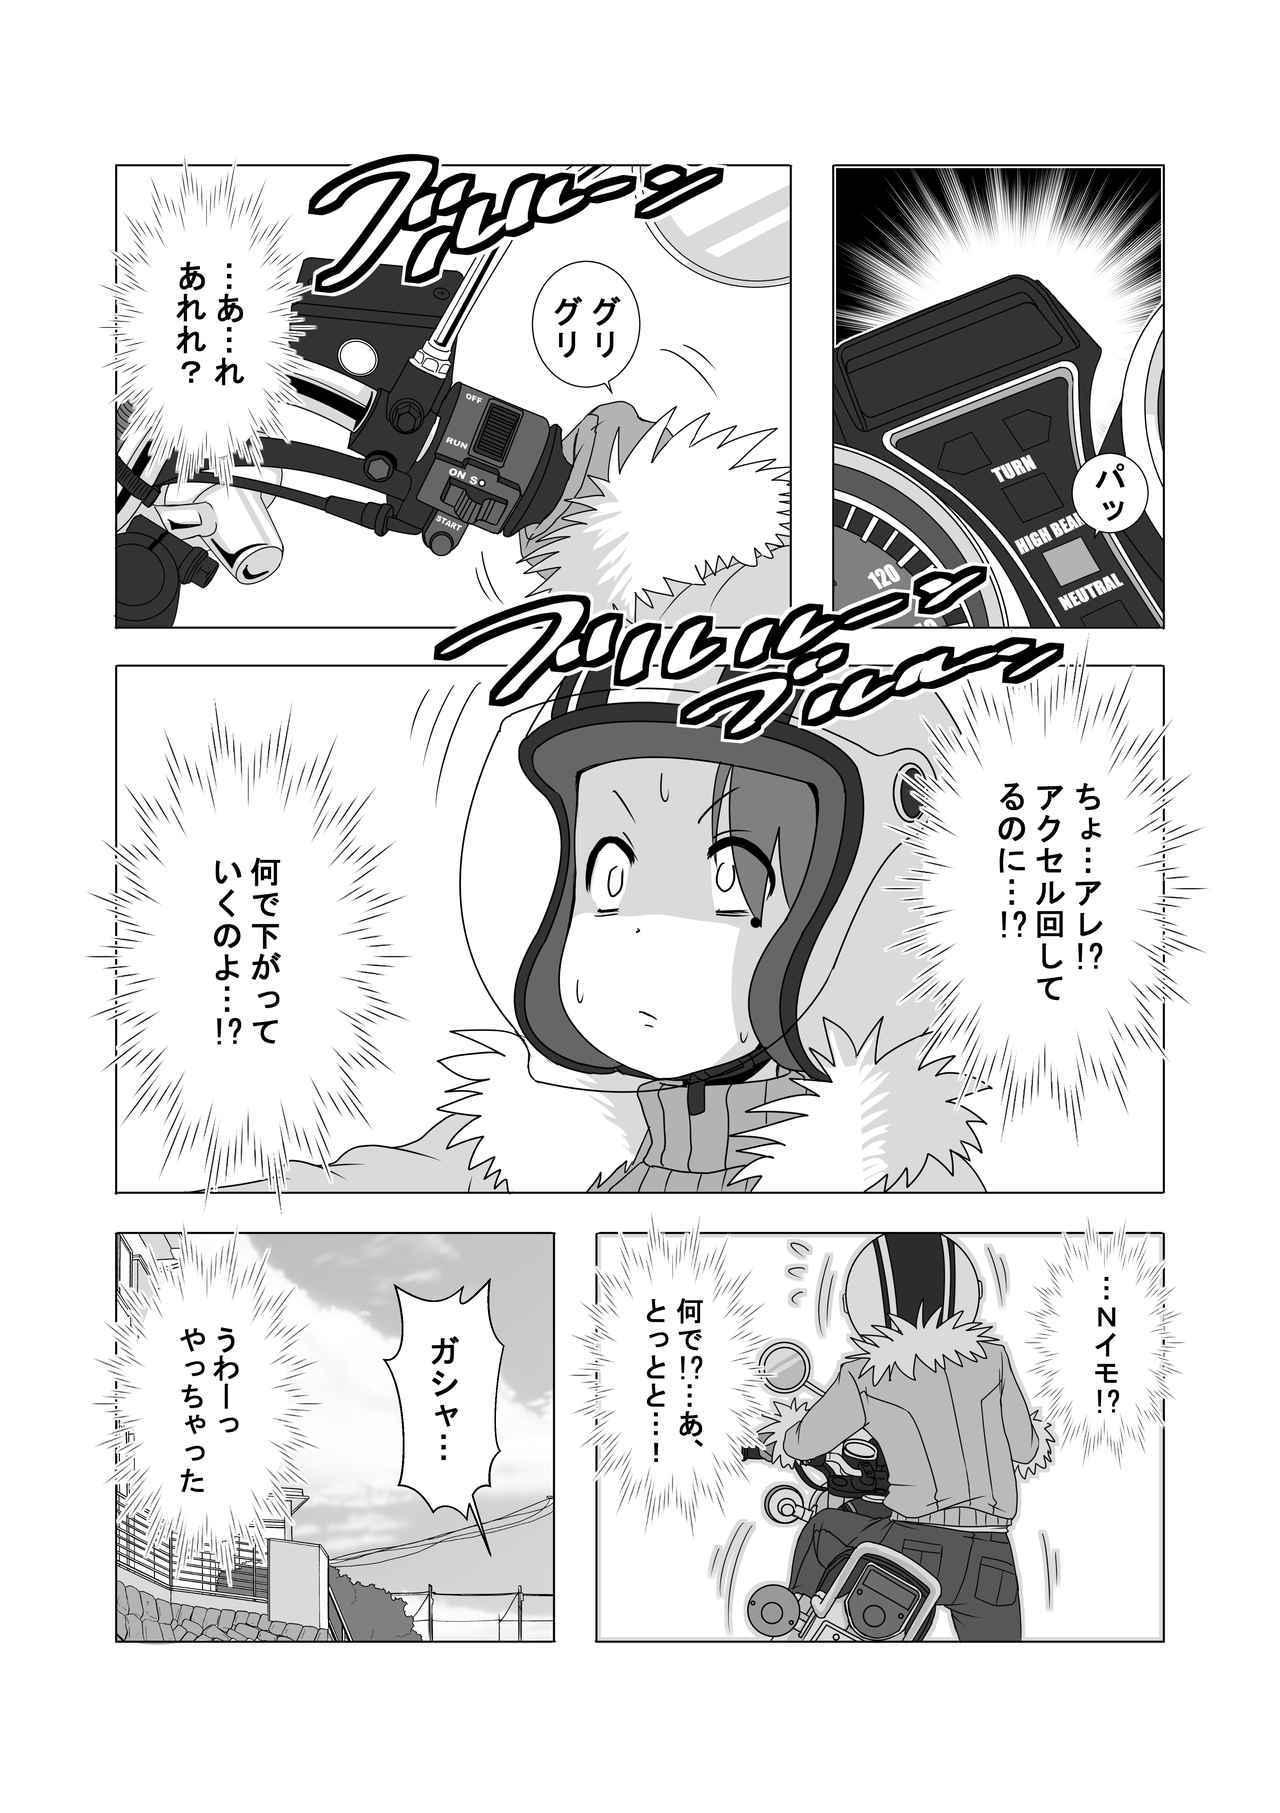 【連載】馬場郁子がこよなくバイクを愛す理由(第十三話:イモと呼ばれるワケ)作:鈴木秀吉